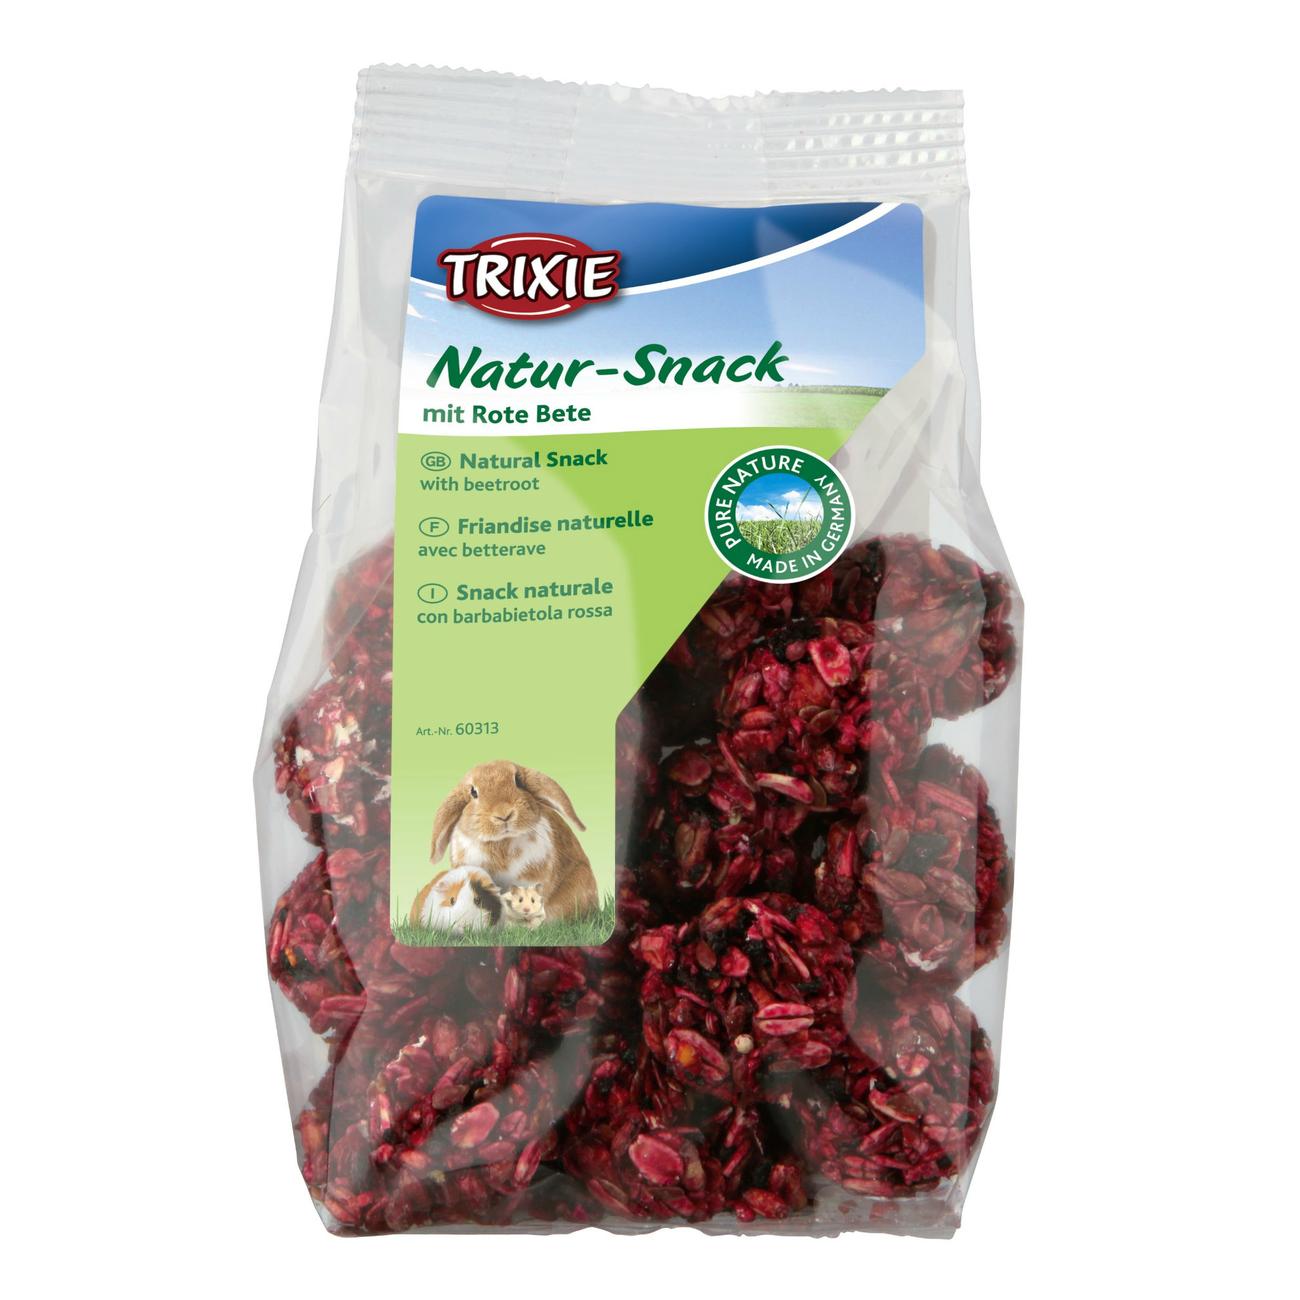 Trixie Pure Nature Natur-Snack Bällchen für Kleintiere 60312, Bild 5